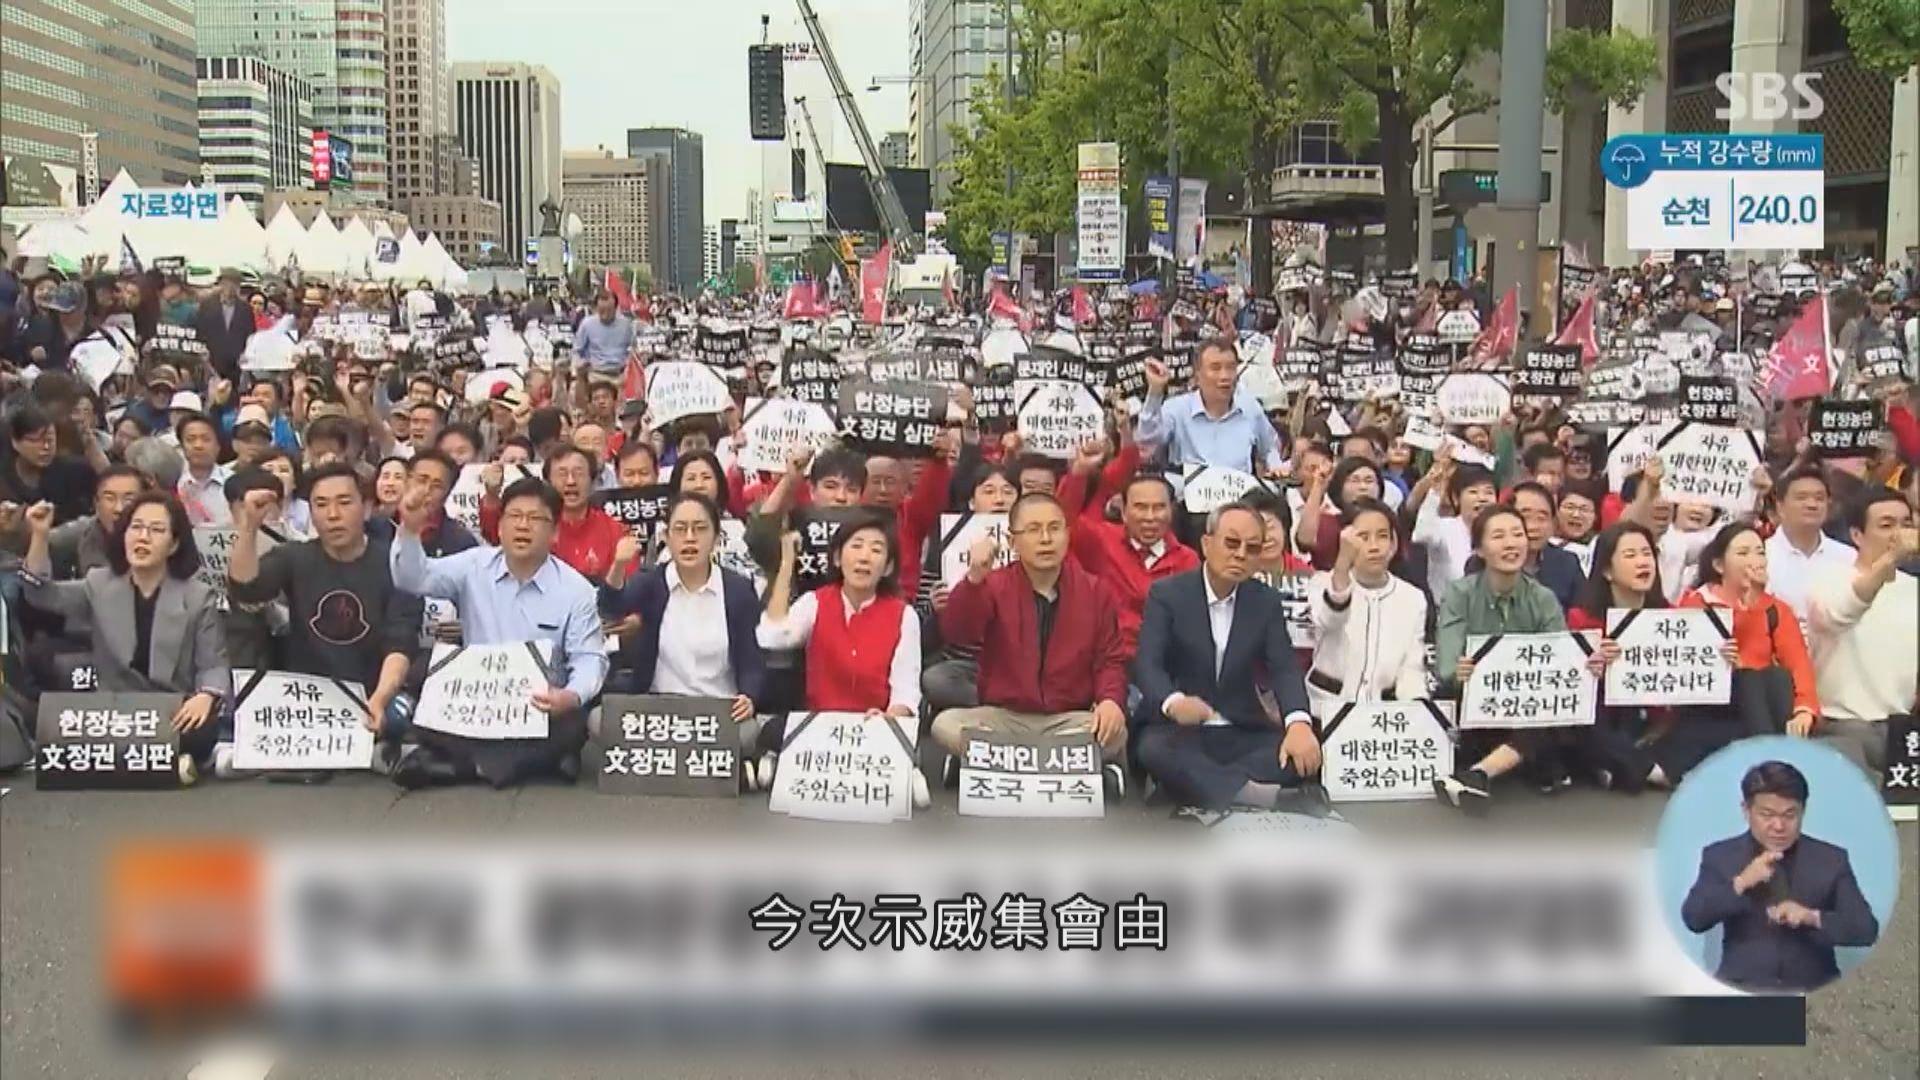 南韓民眾集會示威要求法務部長下台